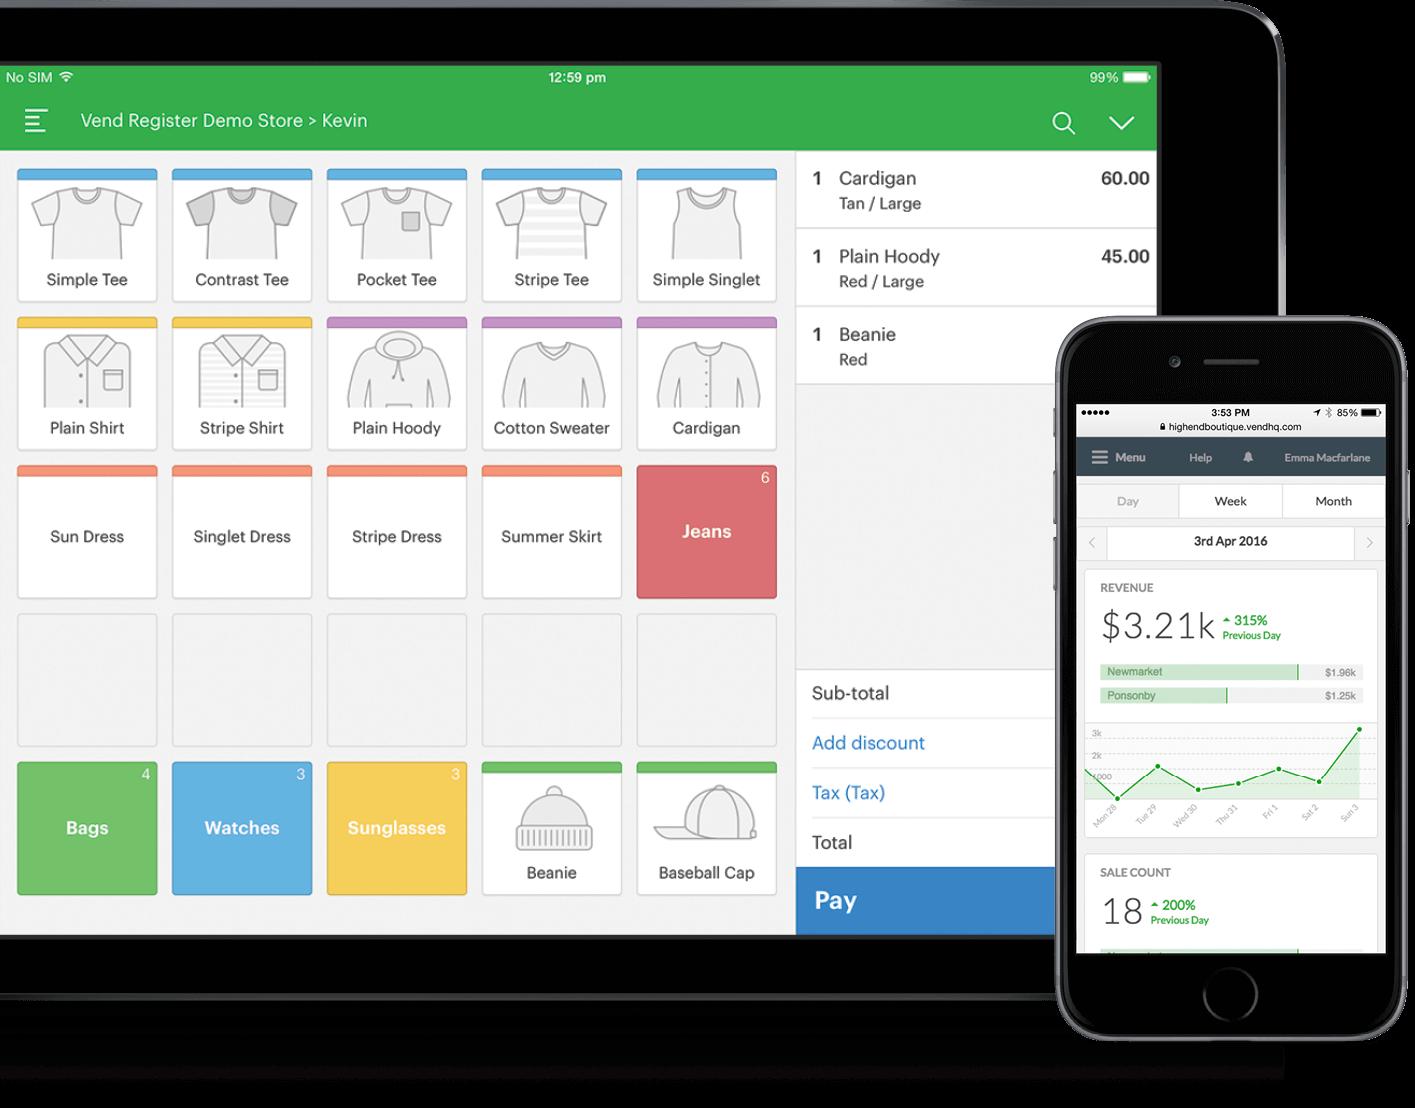 Sas Retail Portal